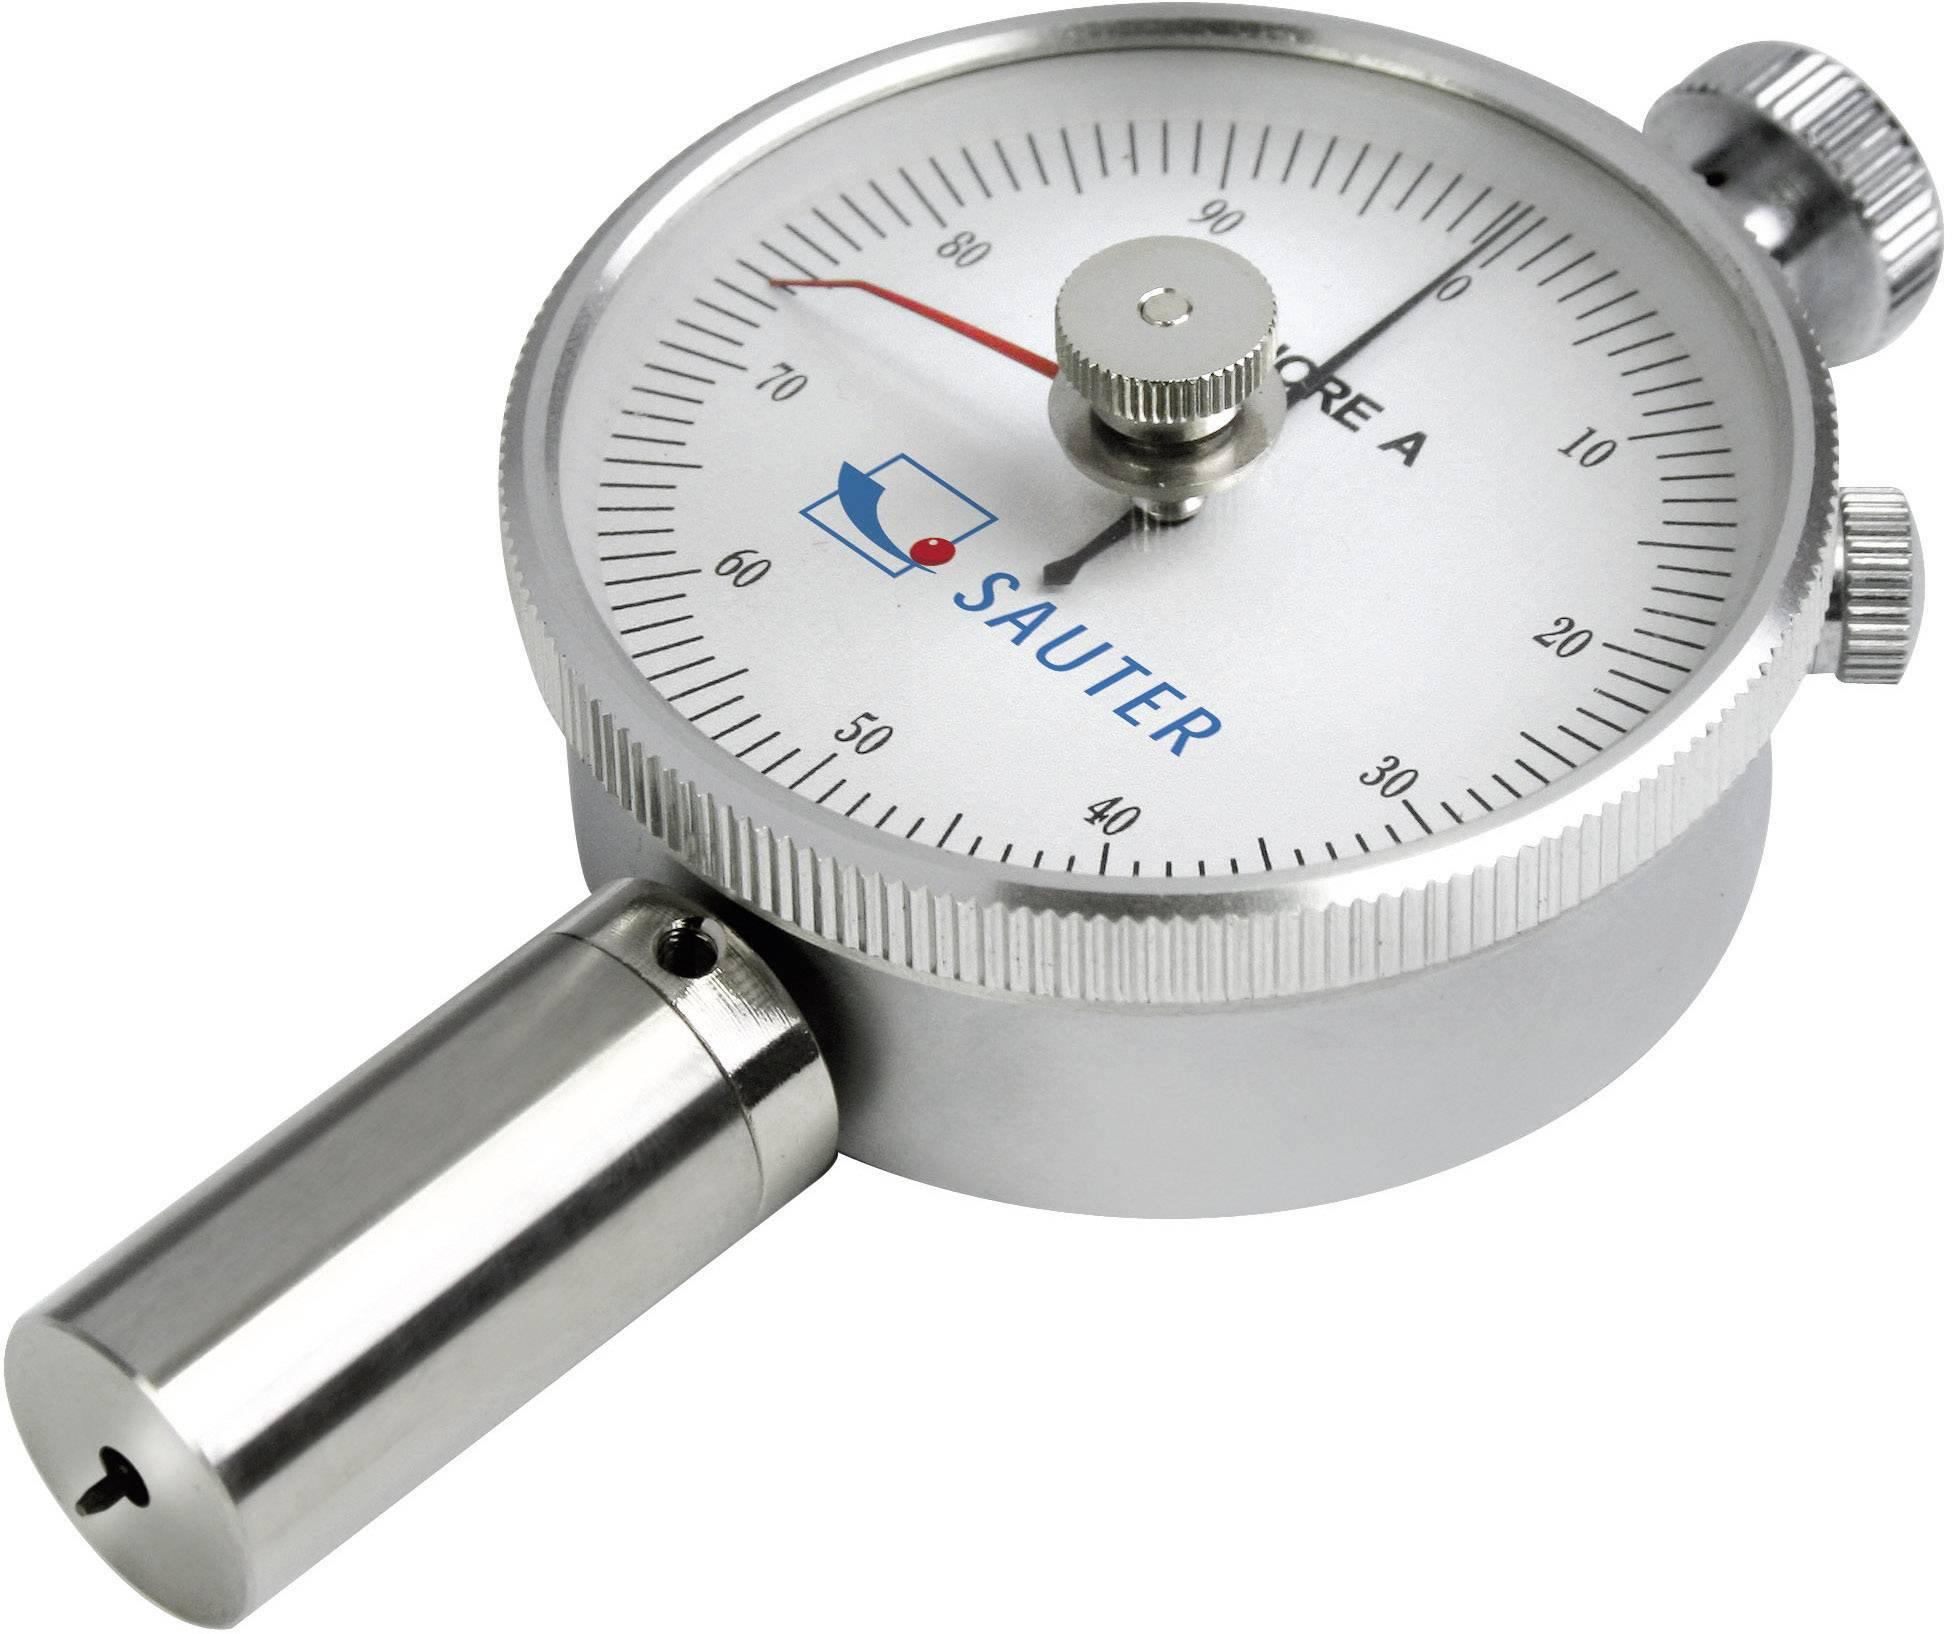 Merač tvrdosti materiálov Sauter HBA 100-0